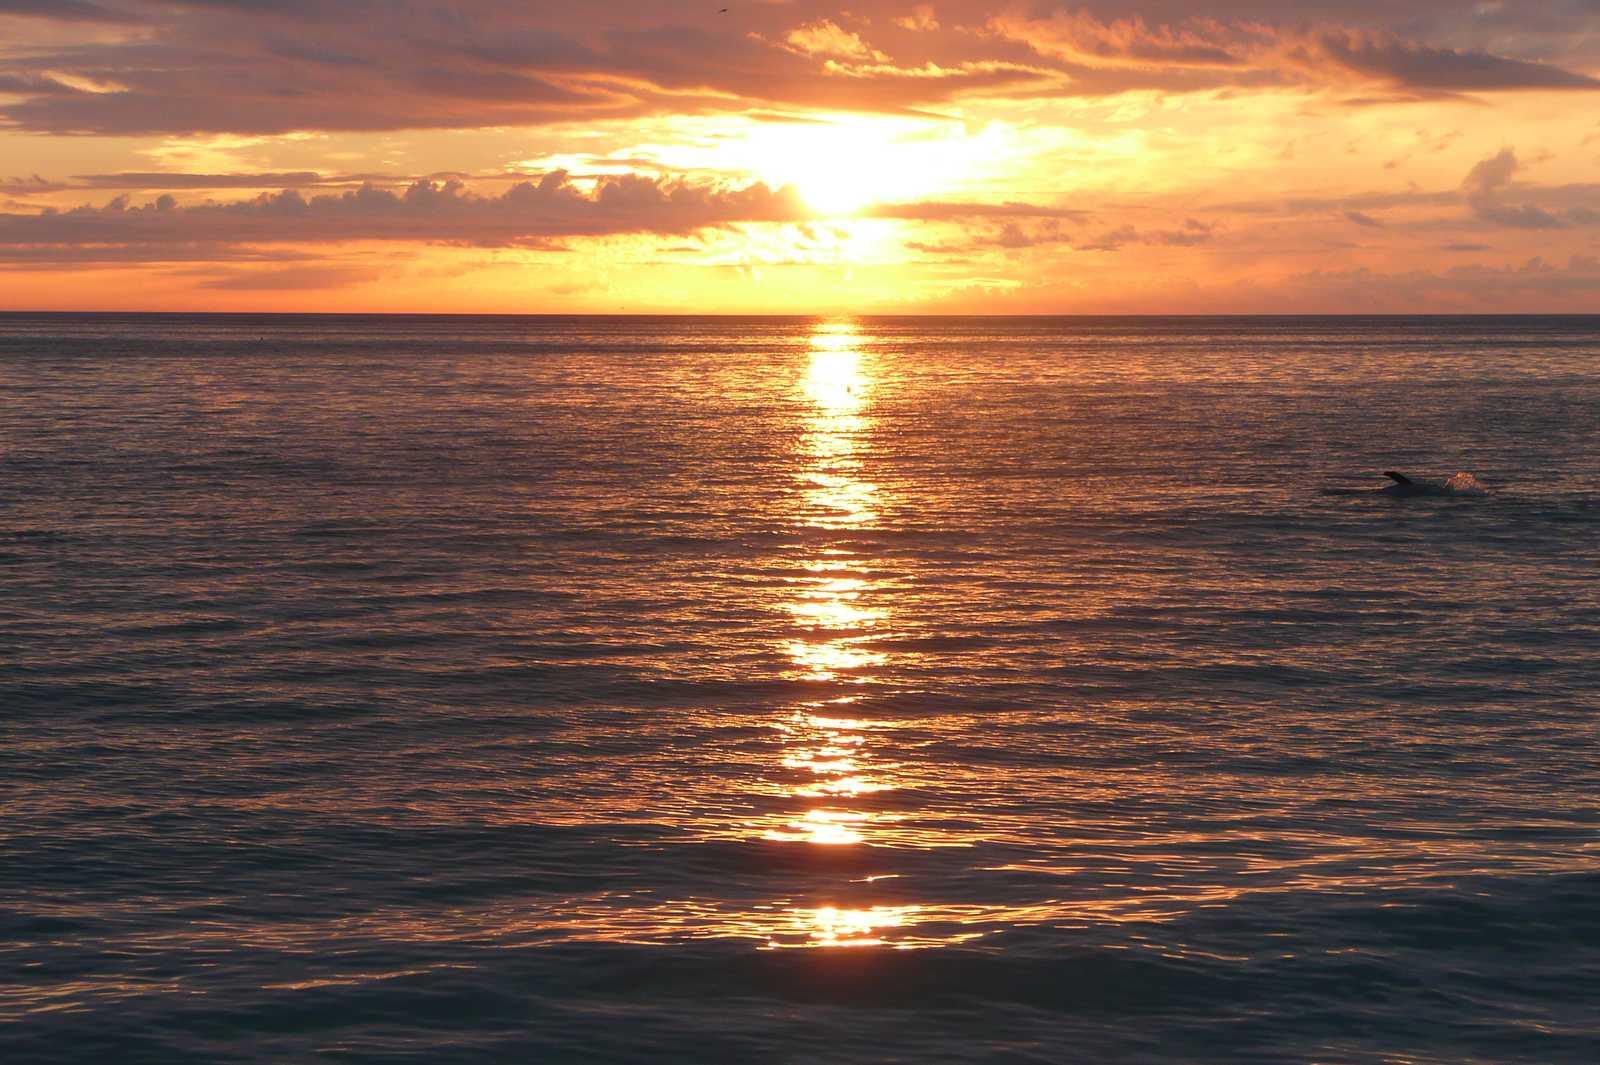 Ein Delfin im Sonnenuntergang